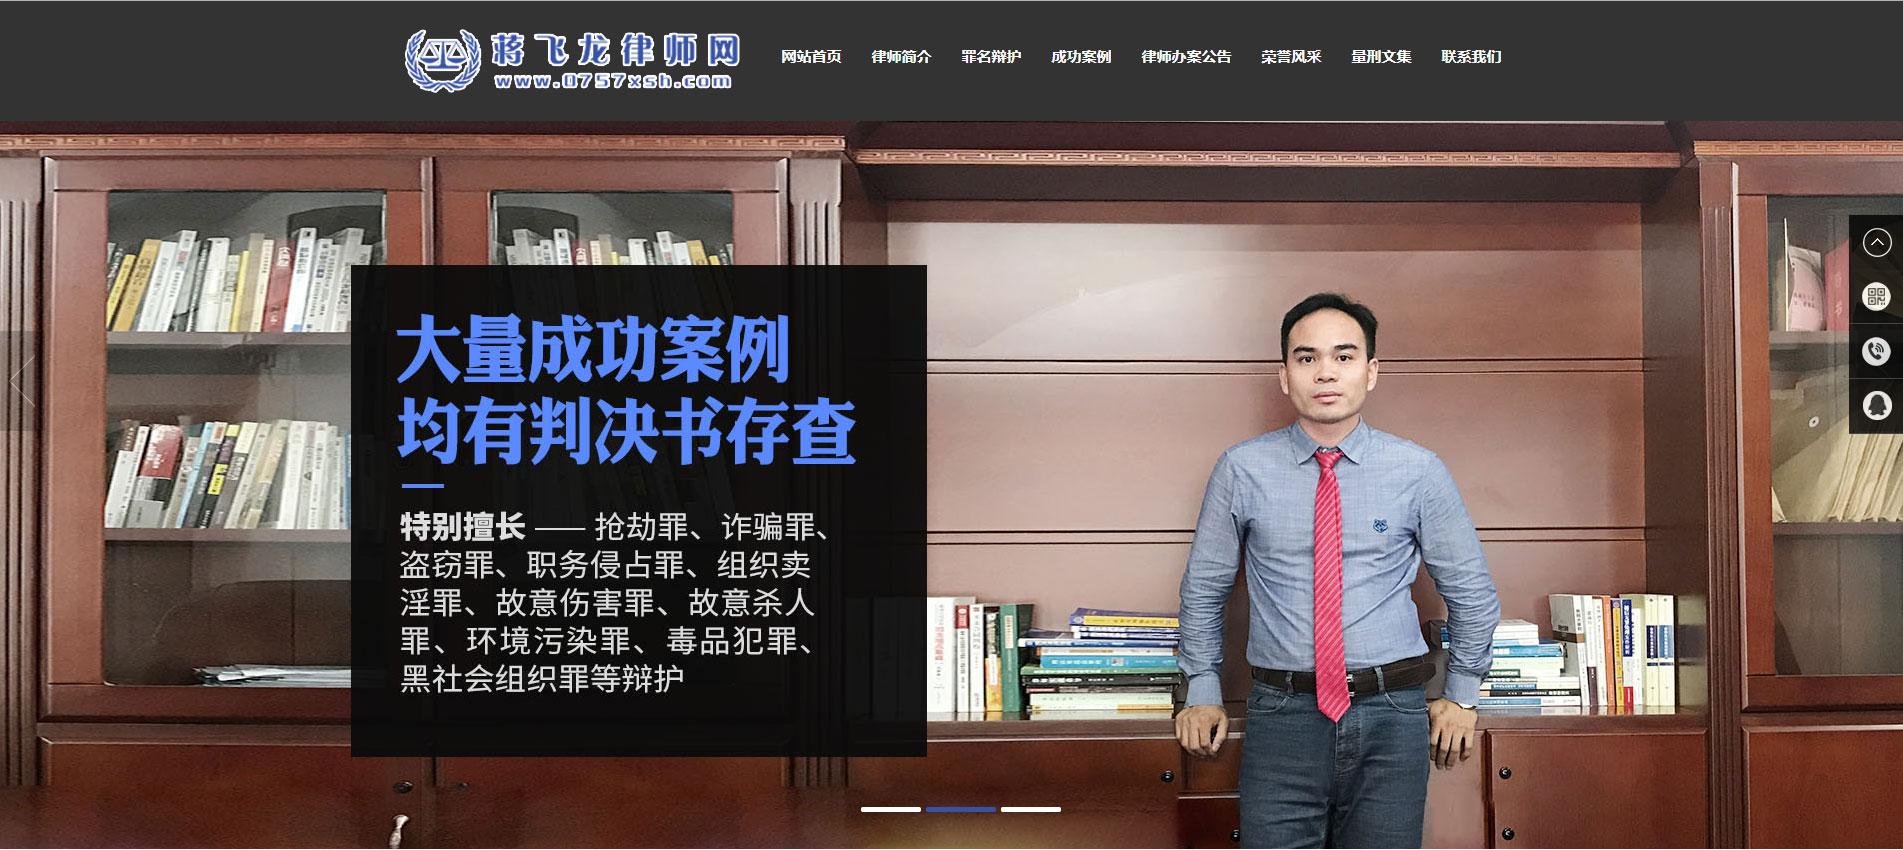 蒋飞龙律师网